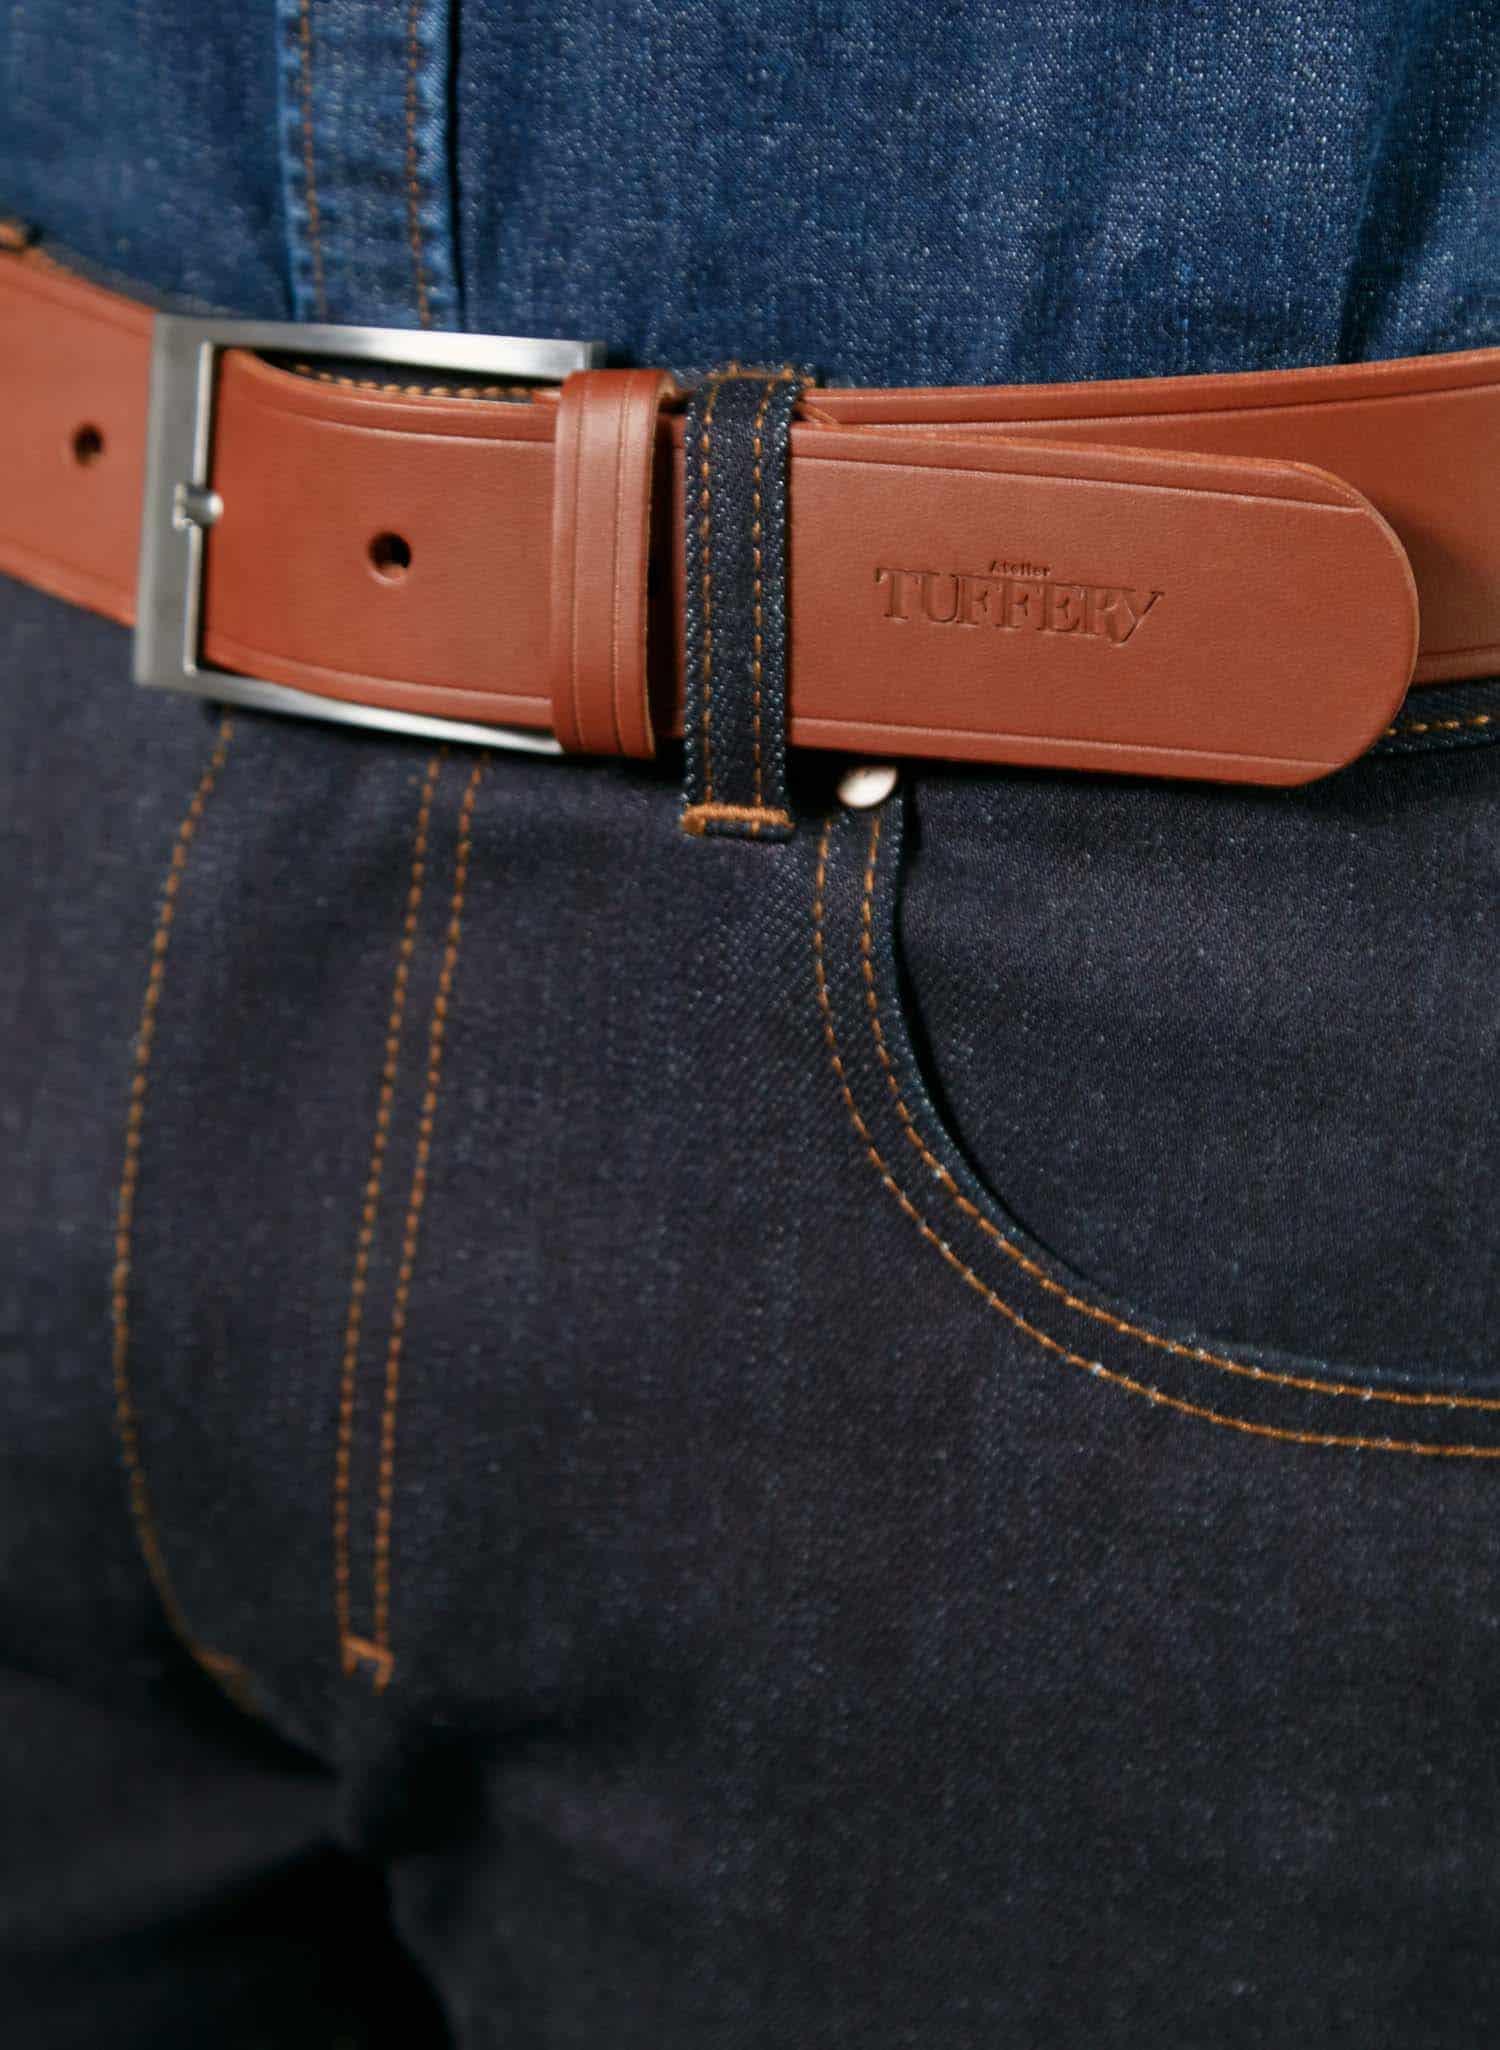 atelier tuffery ceinture homme cuir marron 2